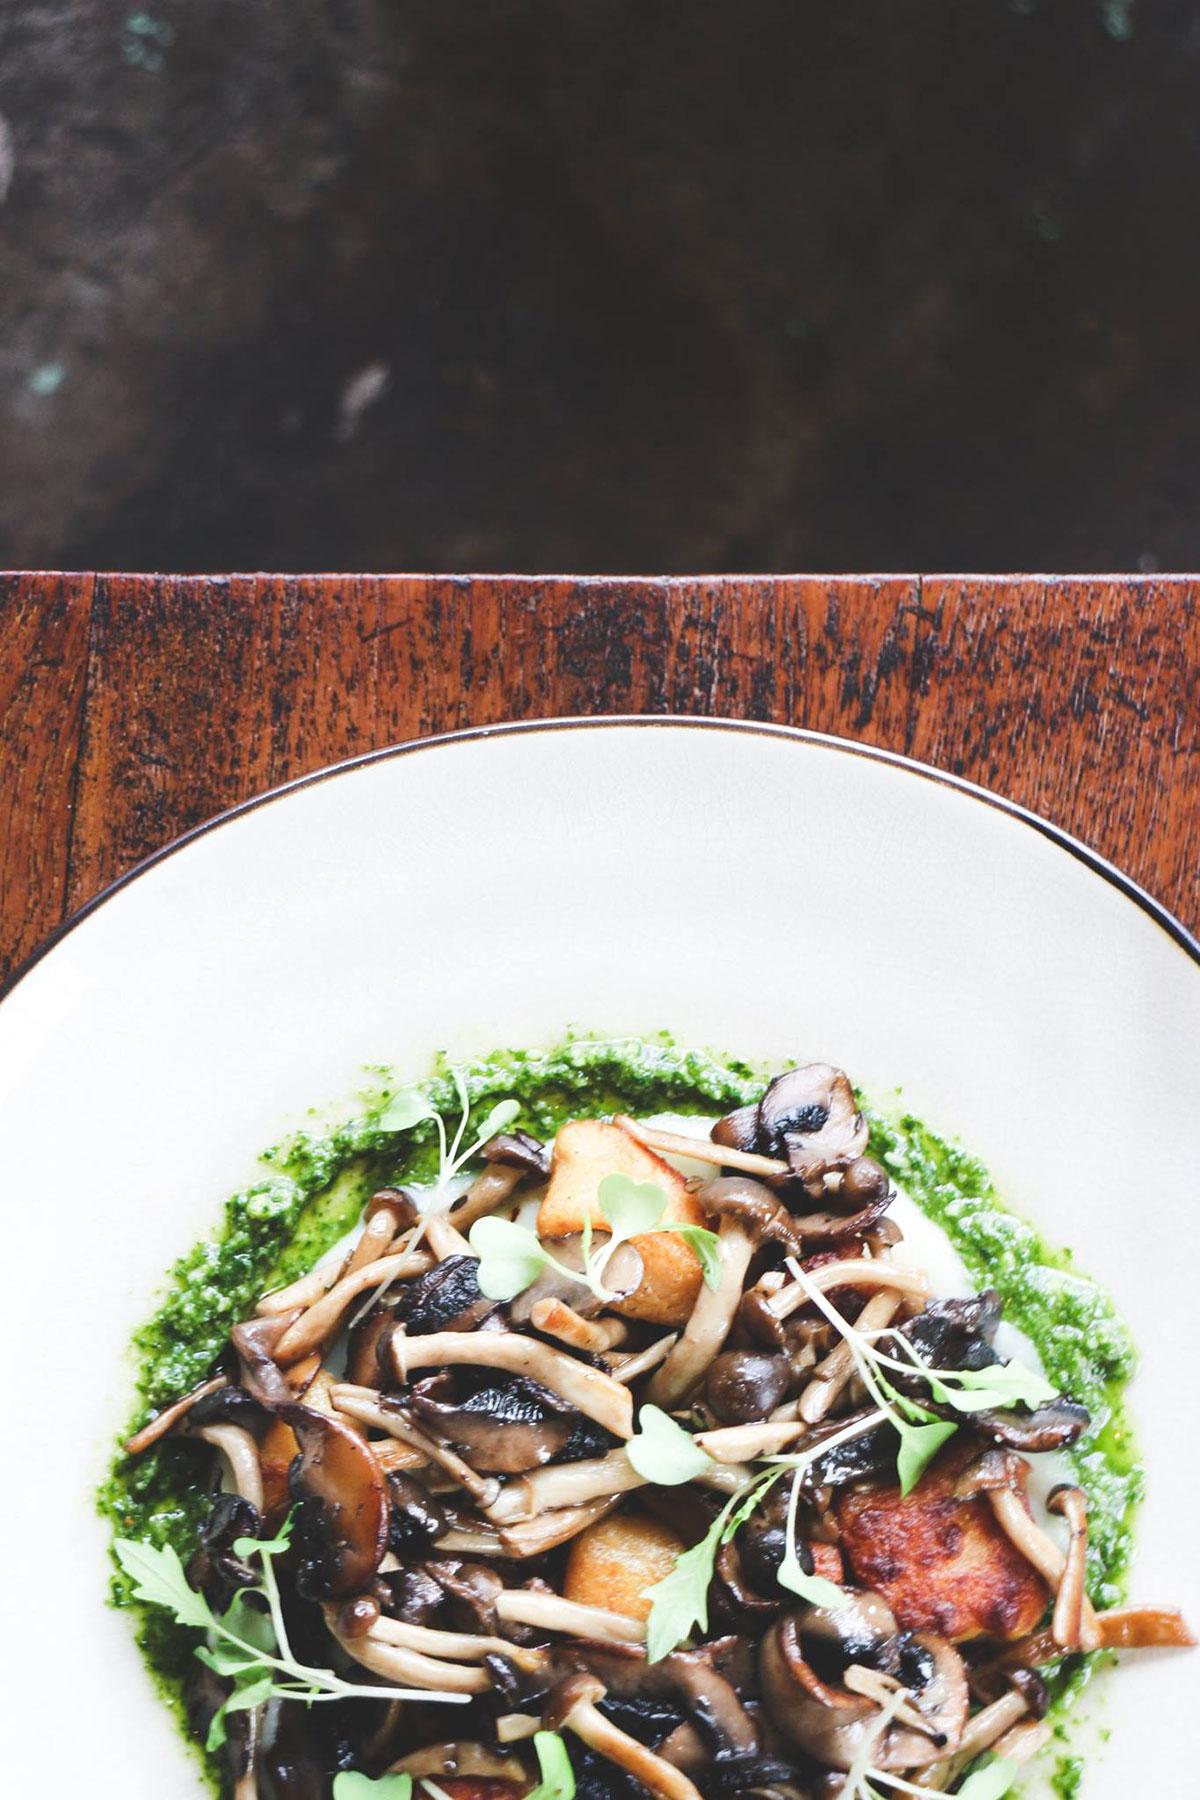 アジアン・インディー・ミュージックシーン 〜vol.1「香港」with tfvsjs and GDJYB〜 Portobello-mushroom